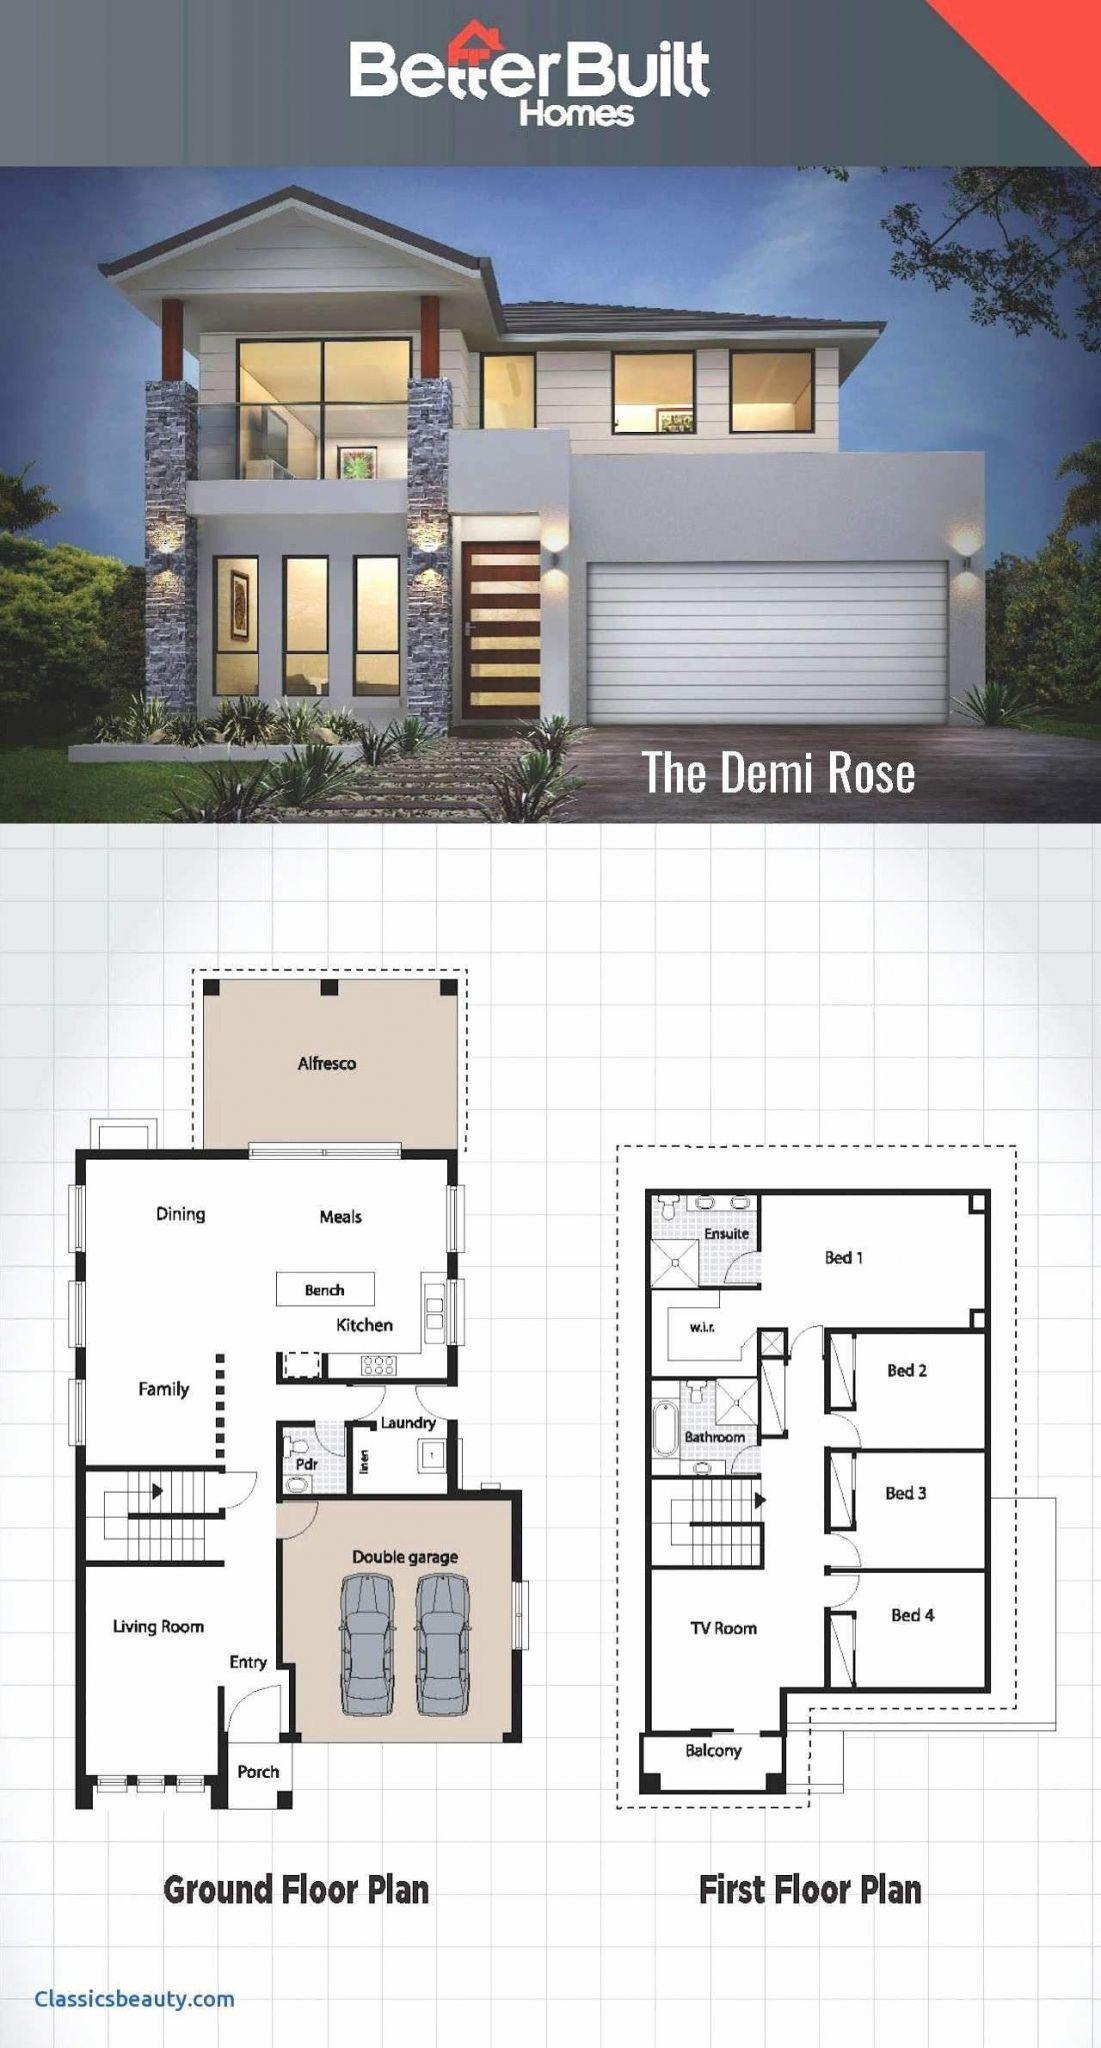 4 Bedroom Maisonette House Plans Kenya Unique 4 Bedroom House Plans And Designs In Kenya Luxur Modern House Floor Plans House Blueprints Modern Farmhouse Plans